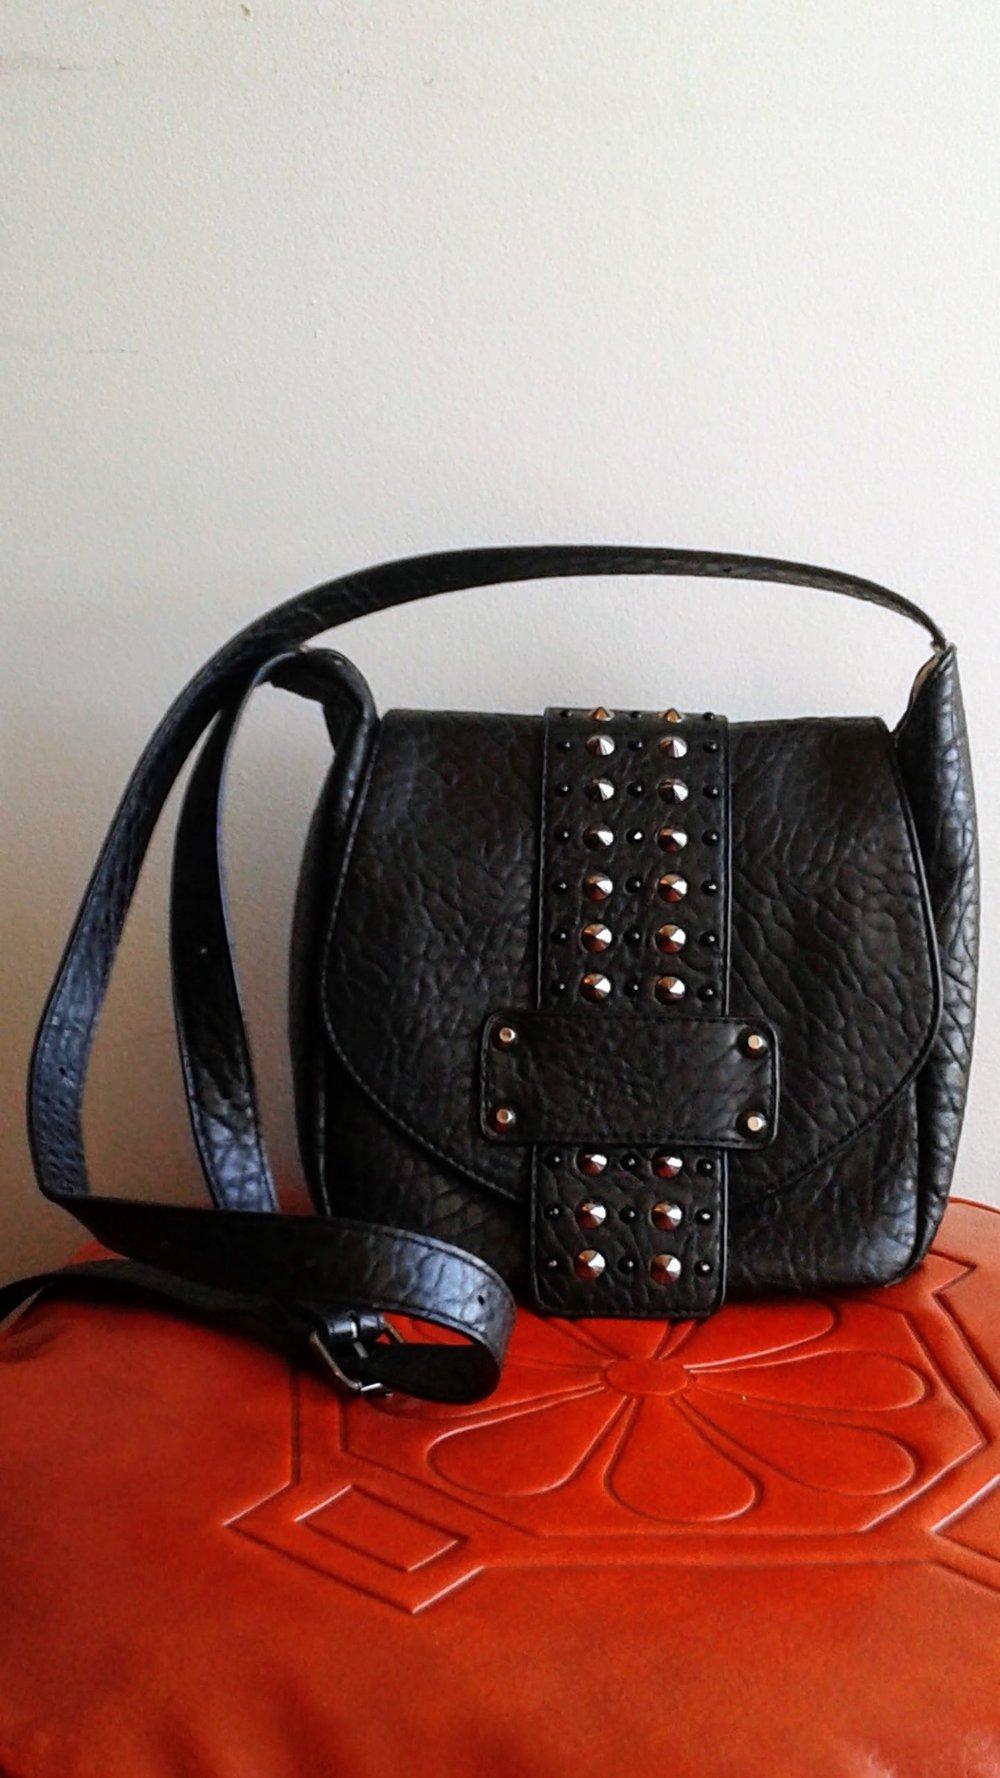 Linea Pelle purse, $48